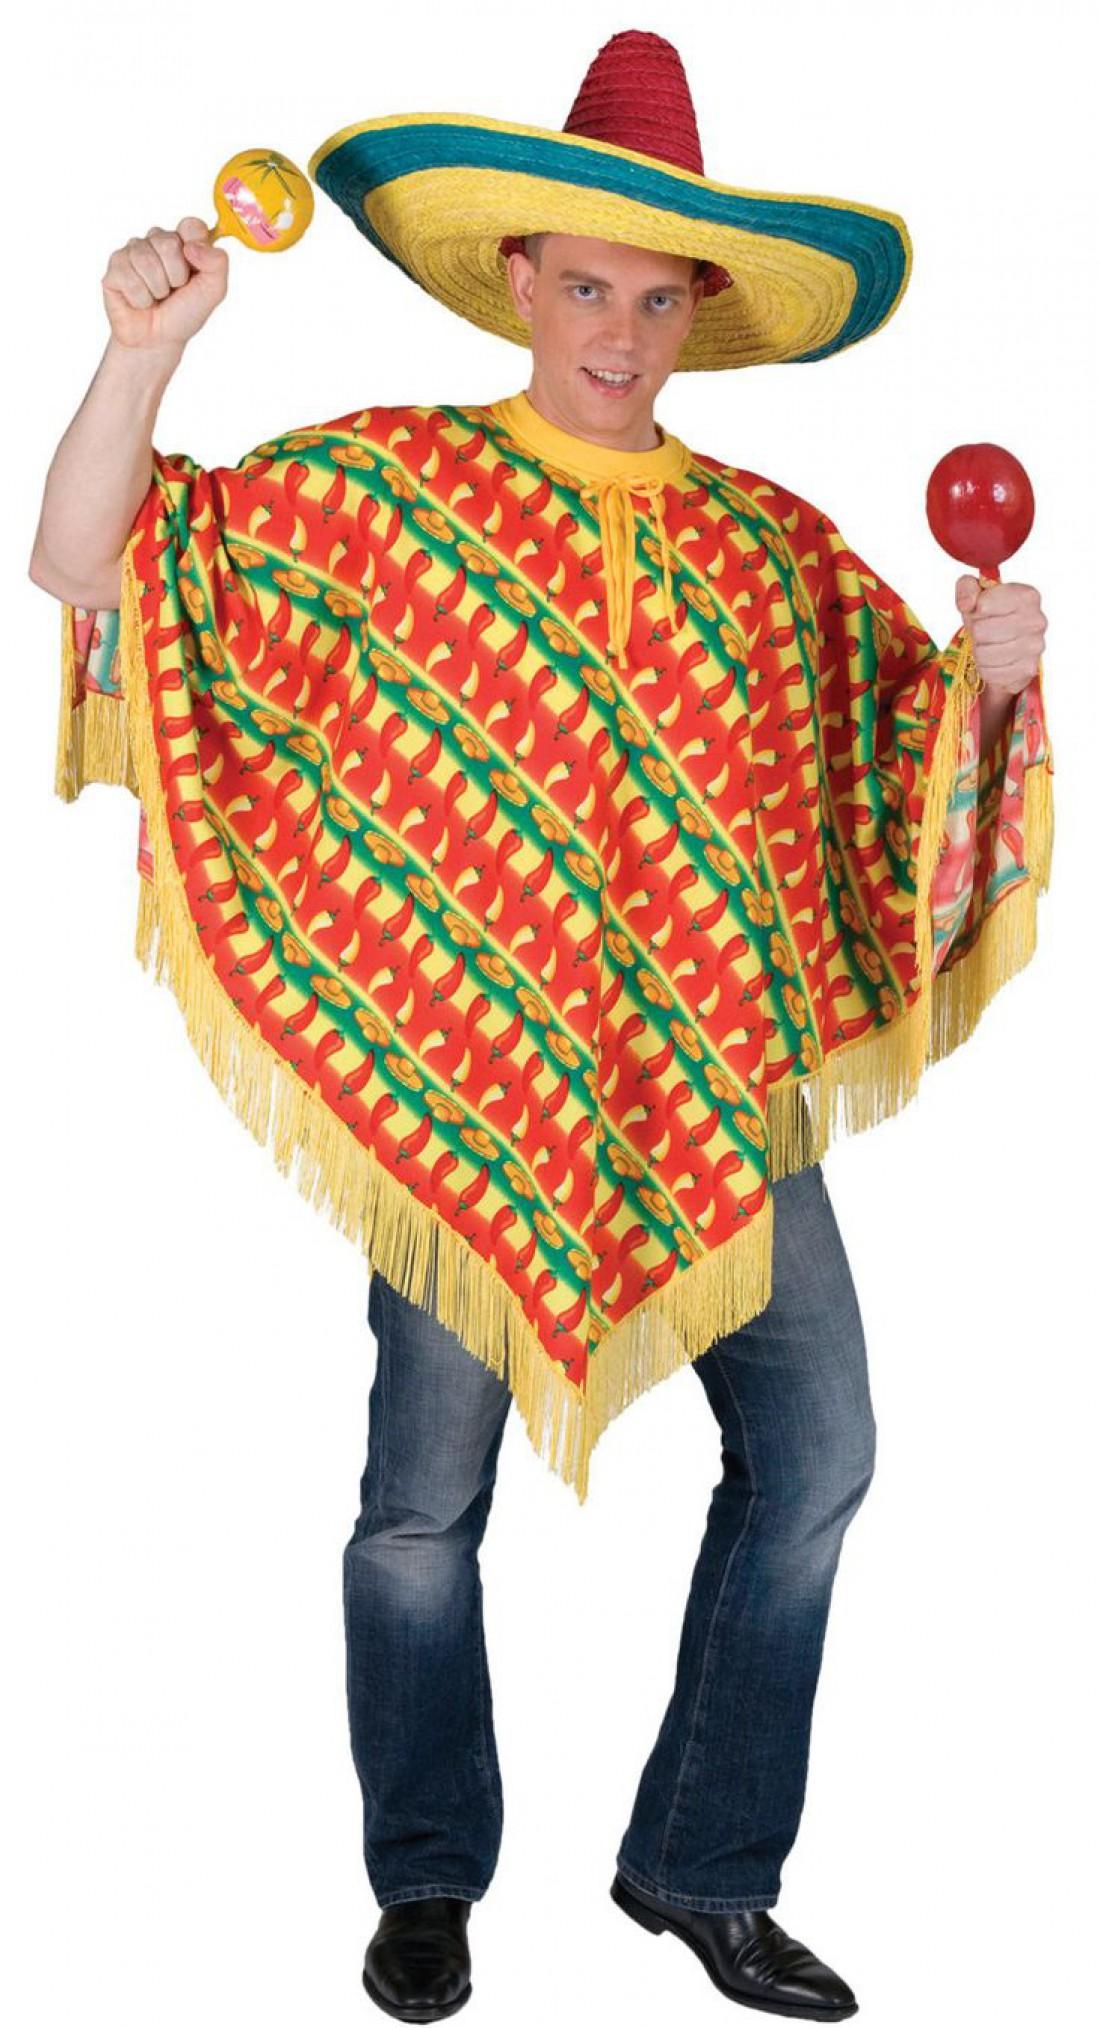 Как стать знойным мексиканцем — надень сомбреро и полосатое пончо